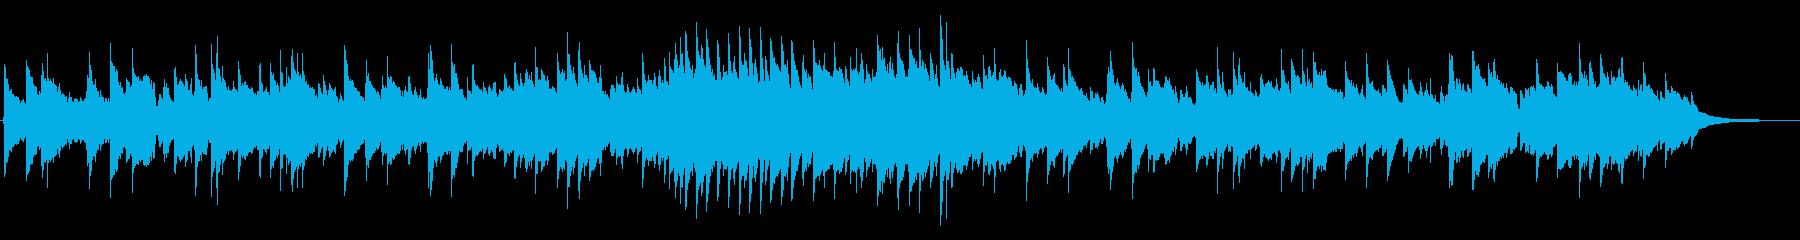 恋 バレンタイン ピアノ キラキラの再生済みの波形